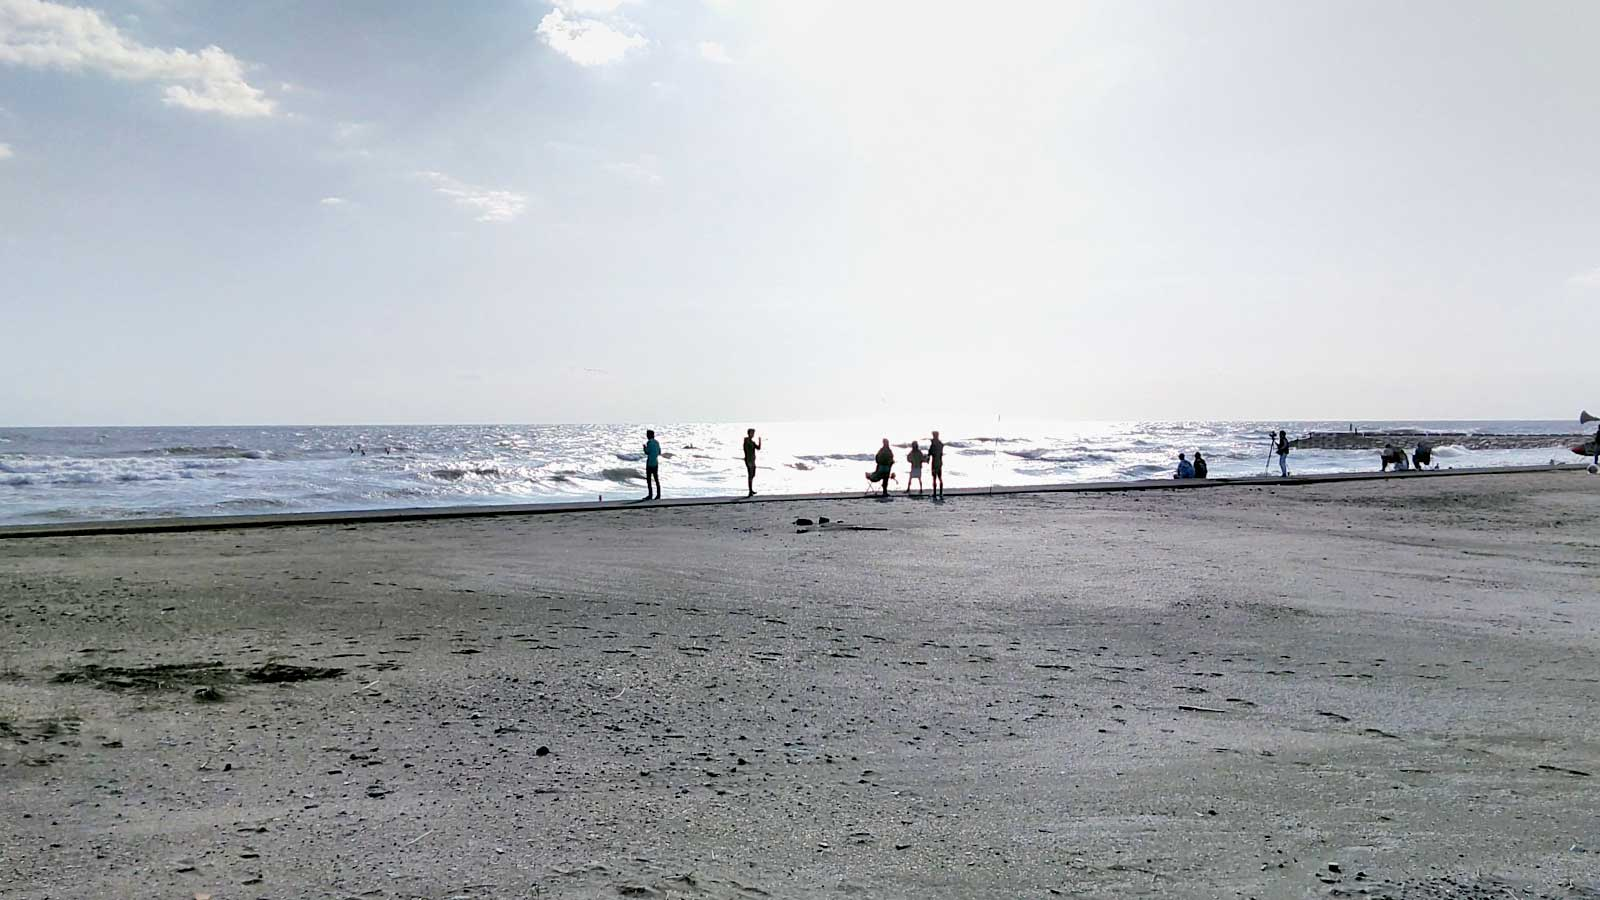 千葉県九十九里浜 海岸散歩